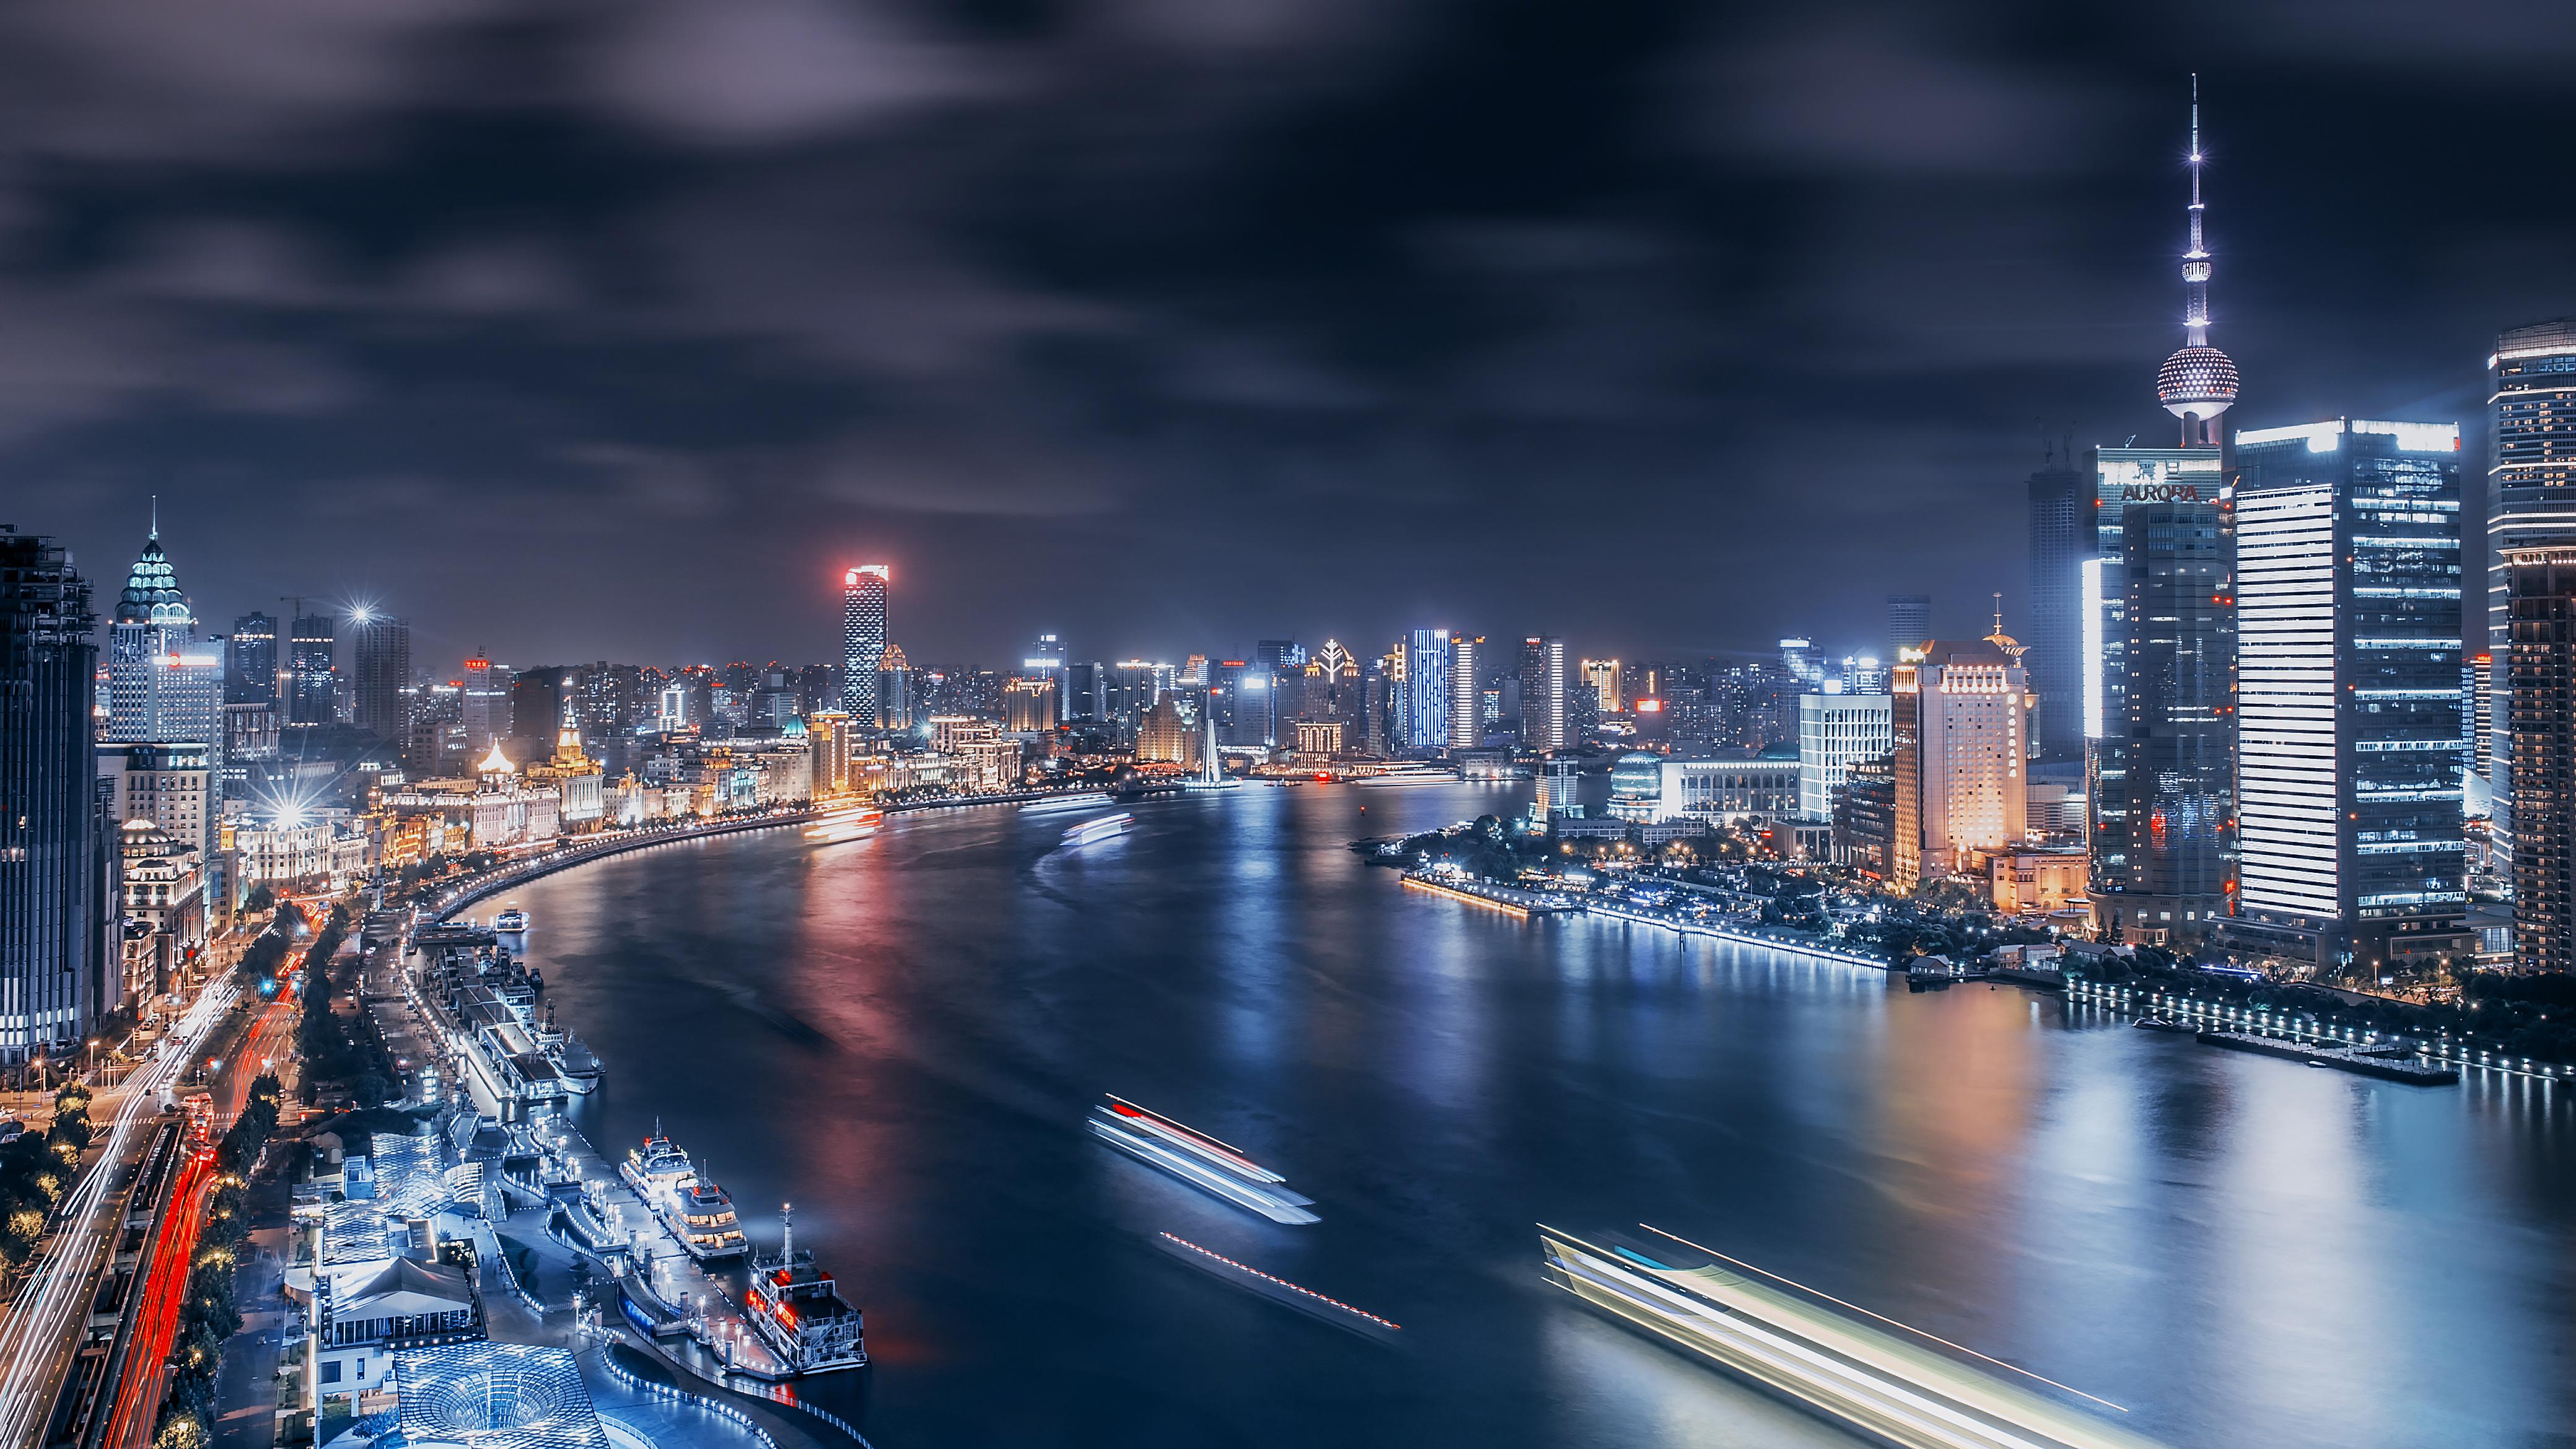 wallpaper shanghai - photo #13